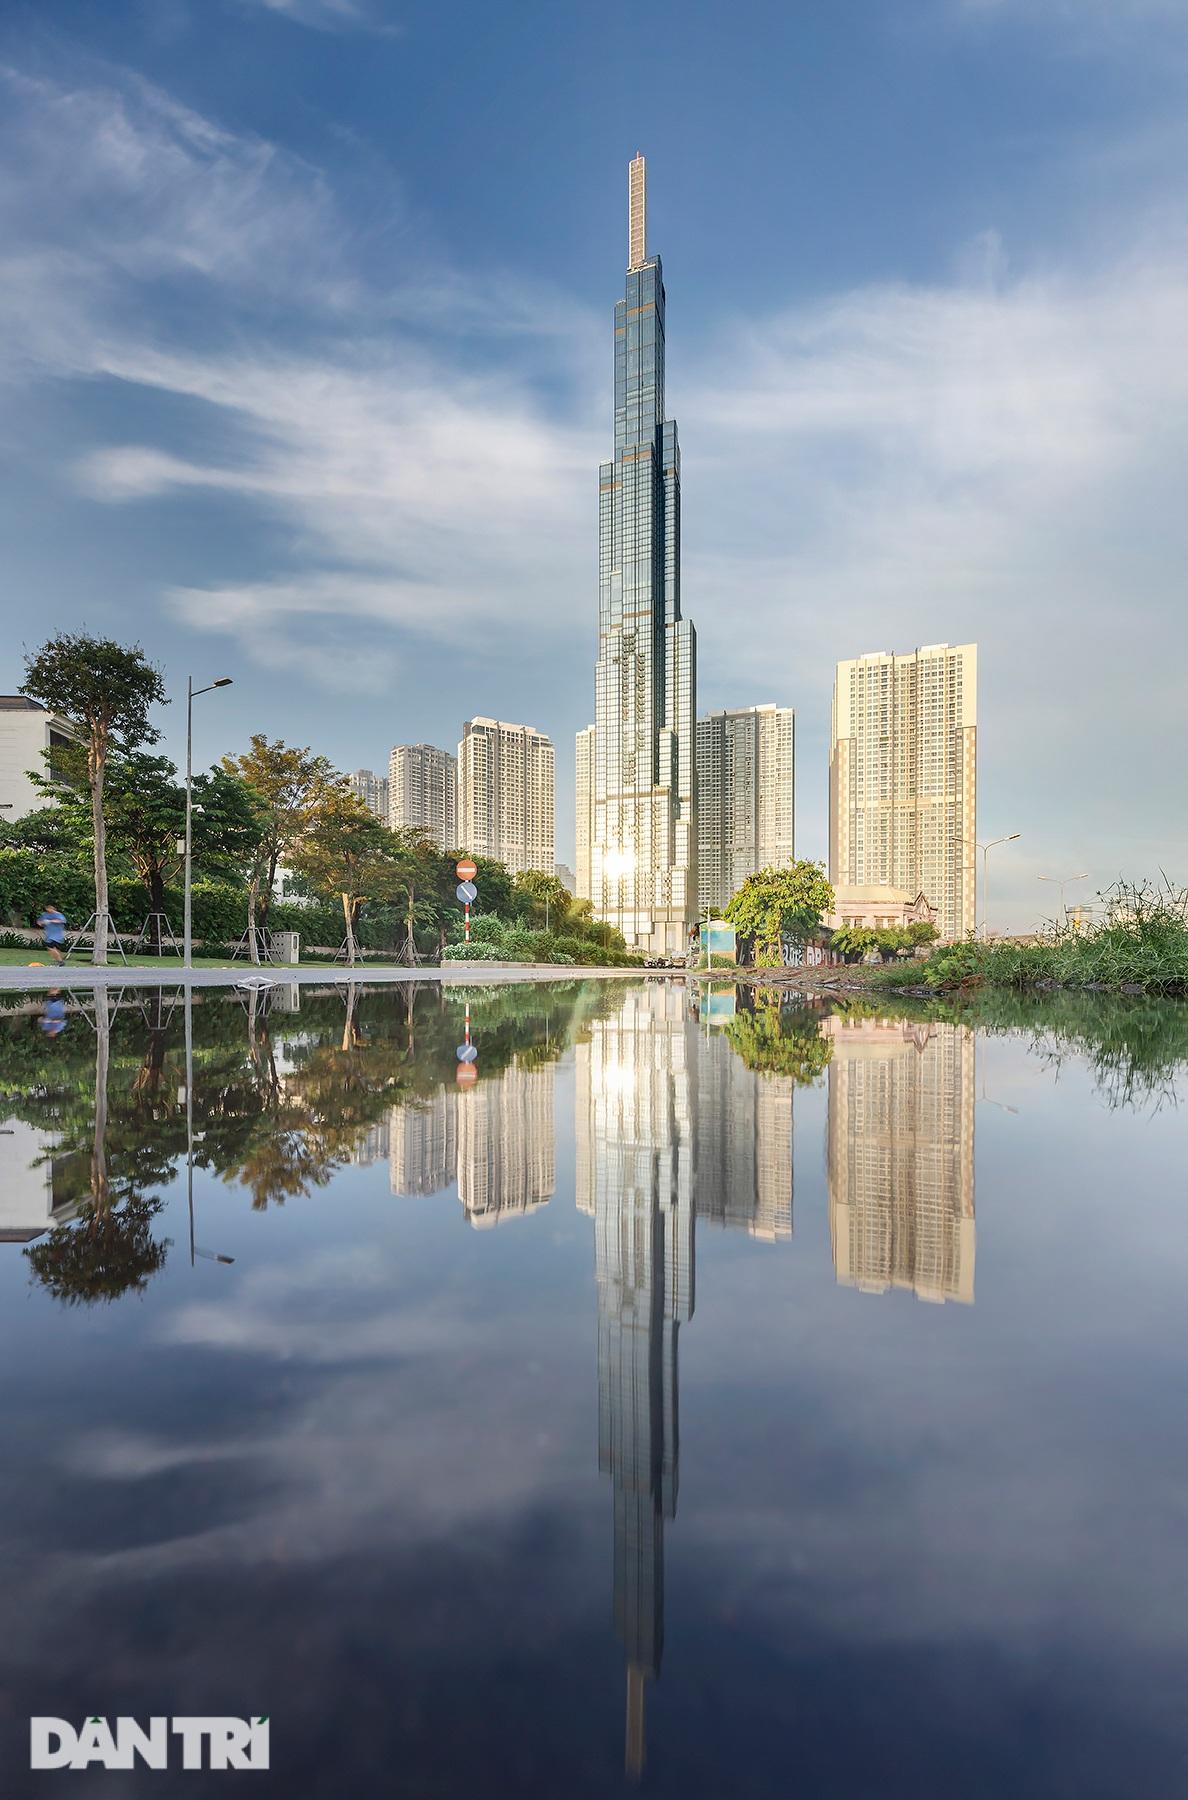 Thành phố Hồ Chí Minh - Vẻ đẹp của một Siêu đô thị hiện đại - 8